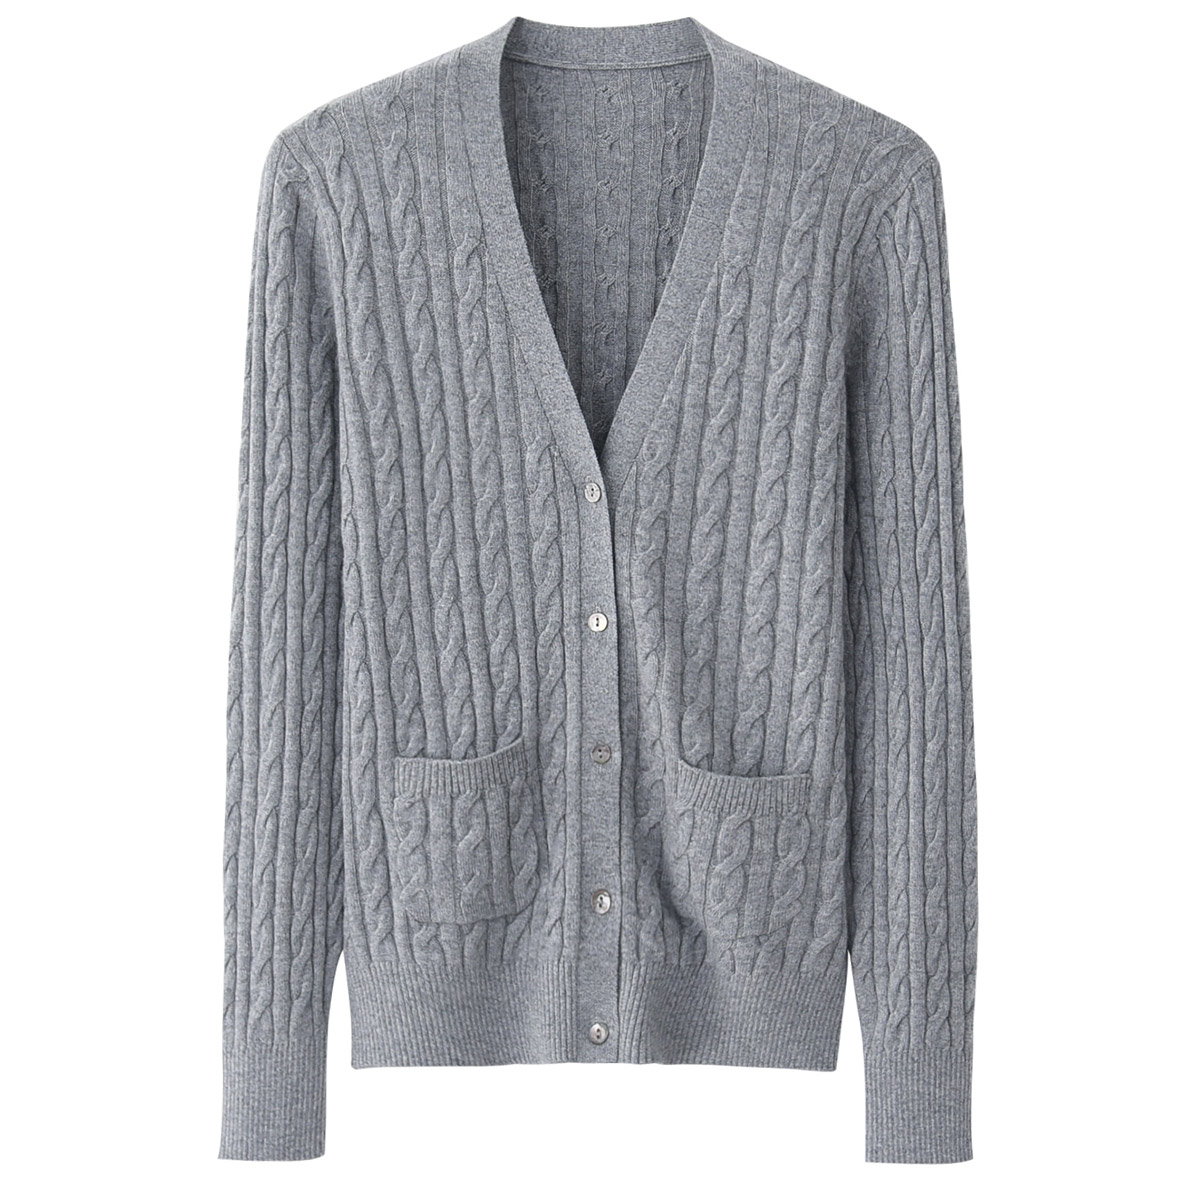 秋冬新款女士羊绒衫V领对襟针织休闲开衫外套补丁韩版修身毛衣